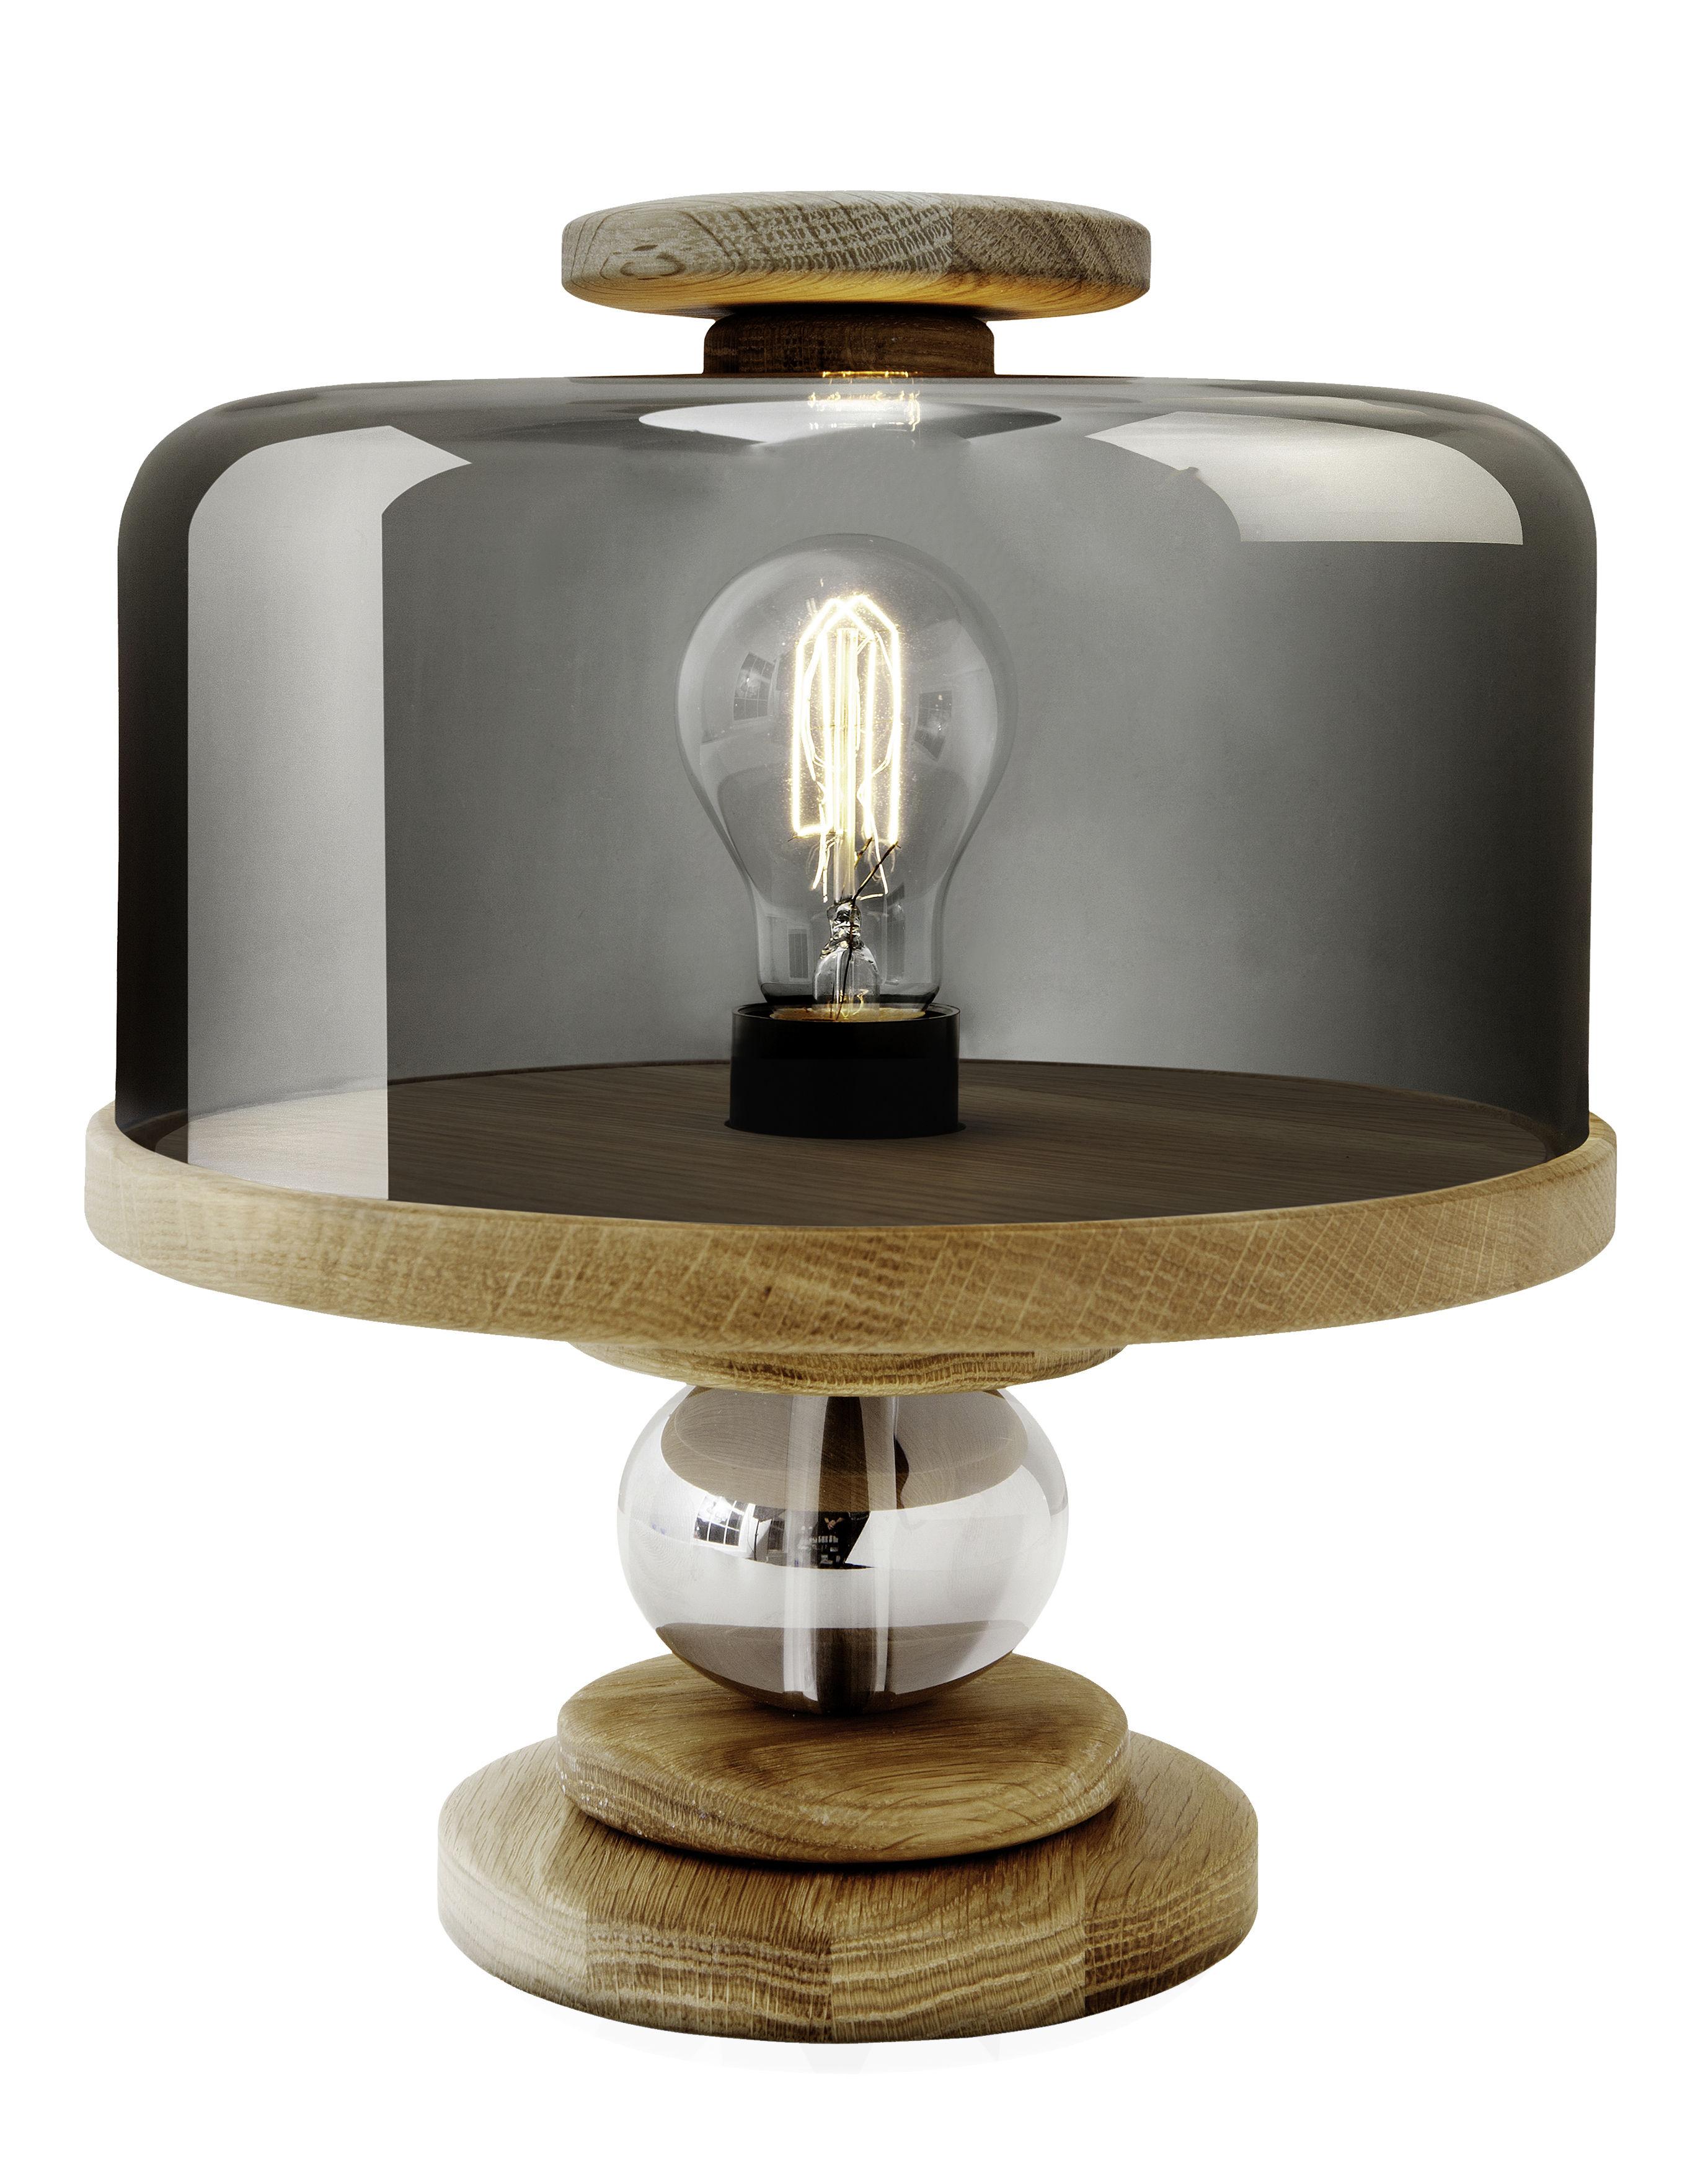 Luminaire - Lampes de table - Lampe de table Bake me a cake - Northern  - Bois / Gris fumé - Chêne naturel, Verre fumé